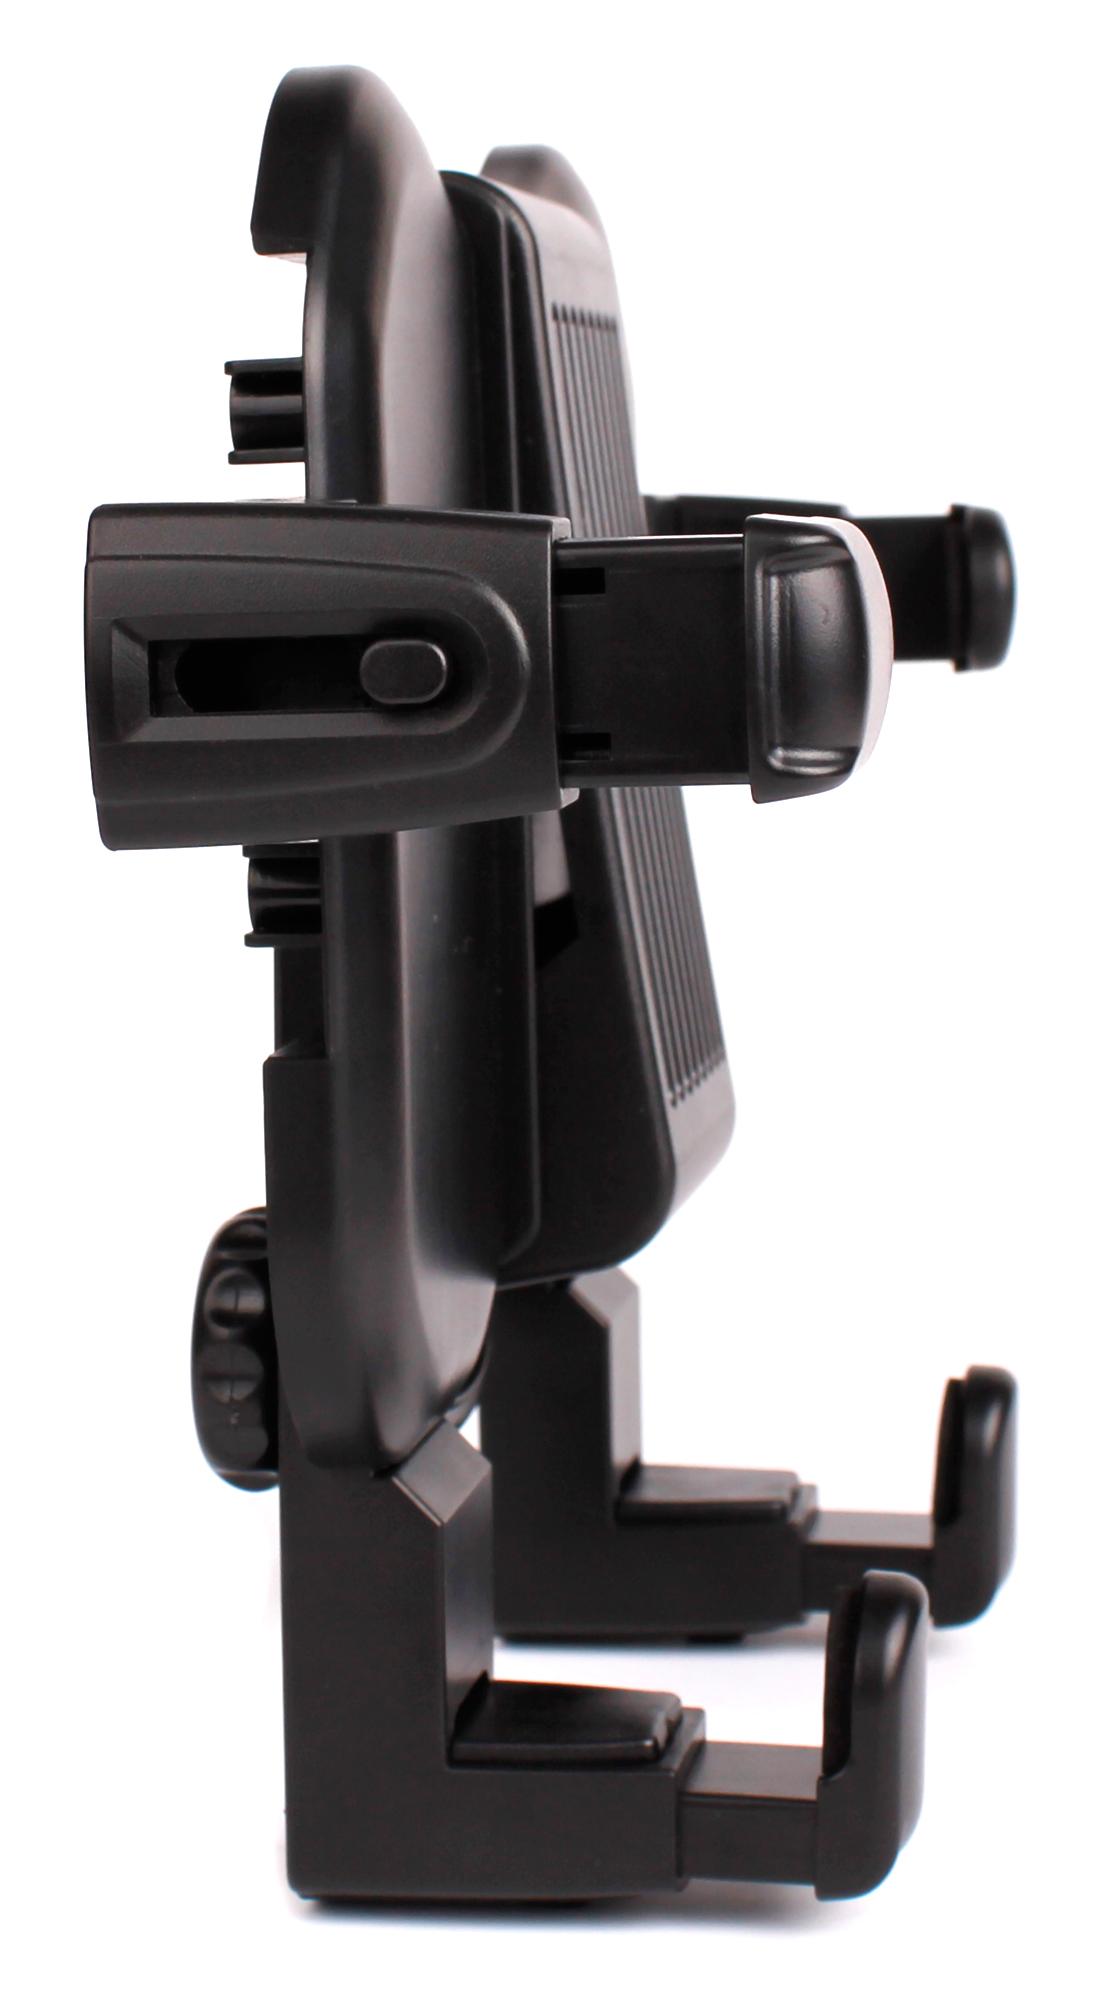 support appui t te voiture pour lecteur dvd portable sony. Black Bedroom Furniture Sets. Home Design Ideas